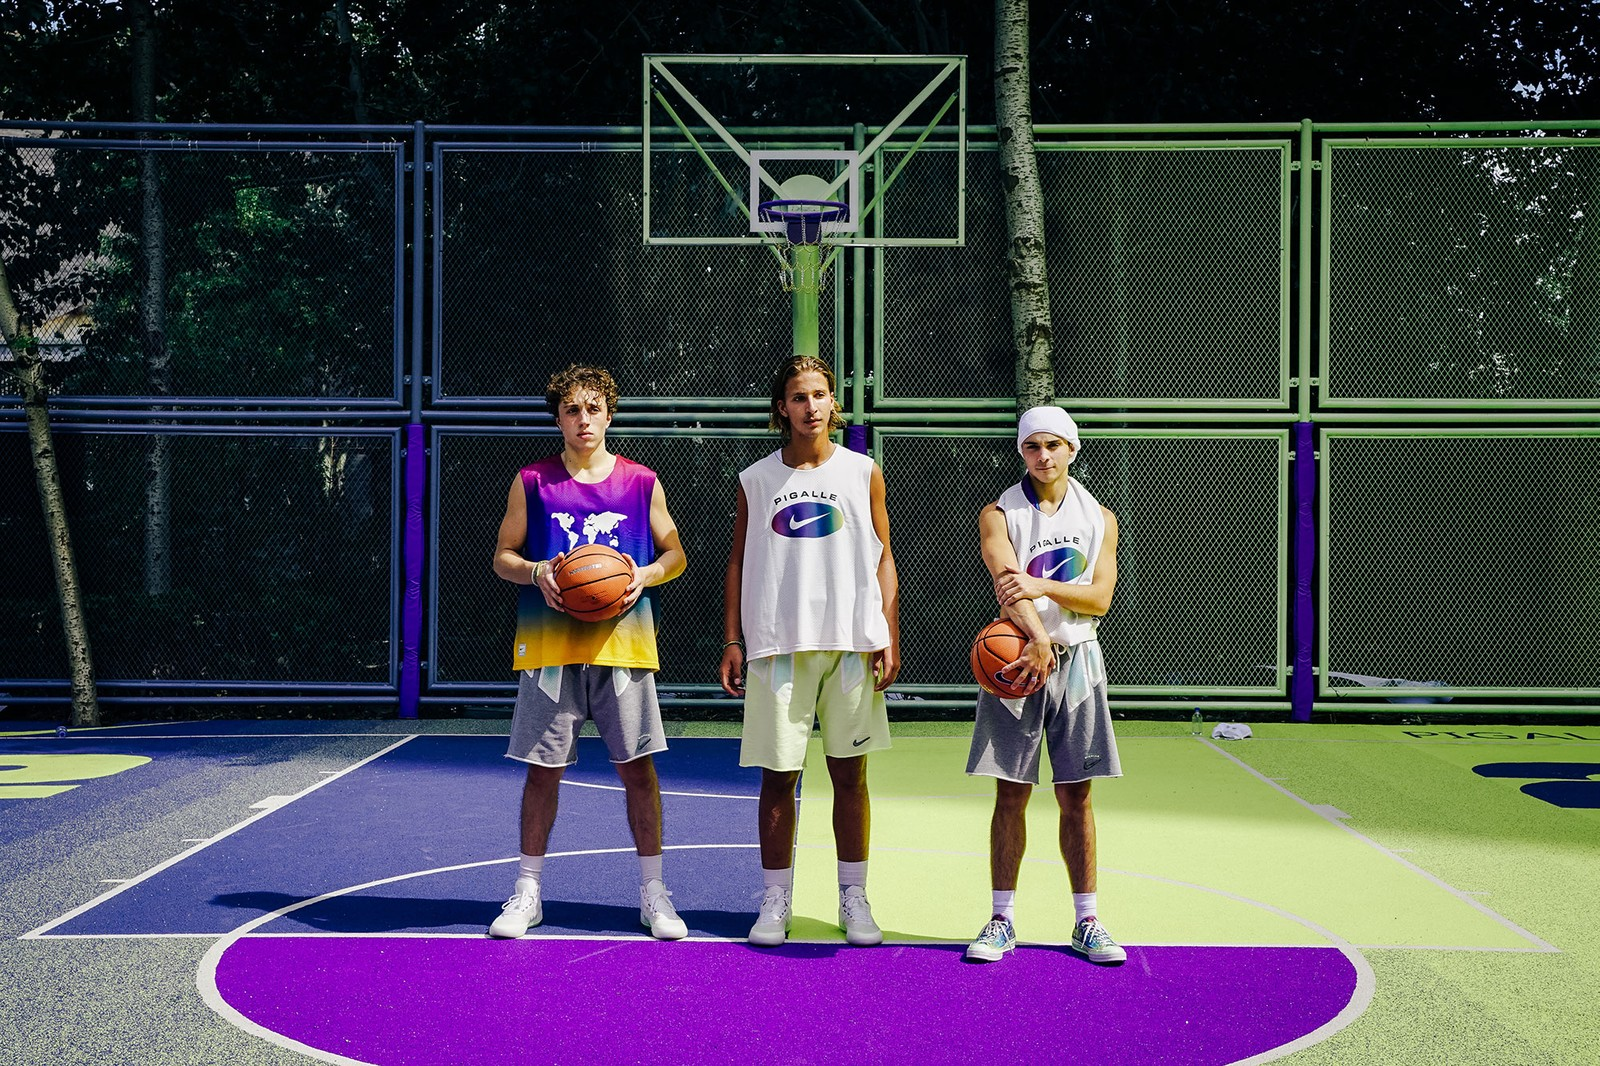 Stéphane Ashpool Pigalle Beijing Nike Basketball Court Opening  Beijing FIBA Basketball Jerseys Converse Chuck 70